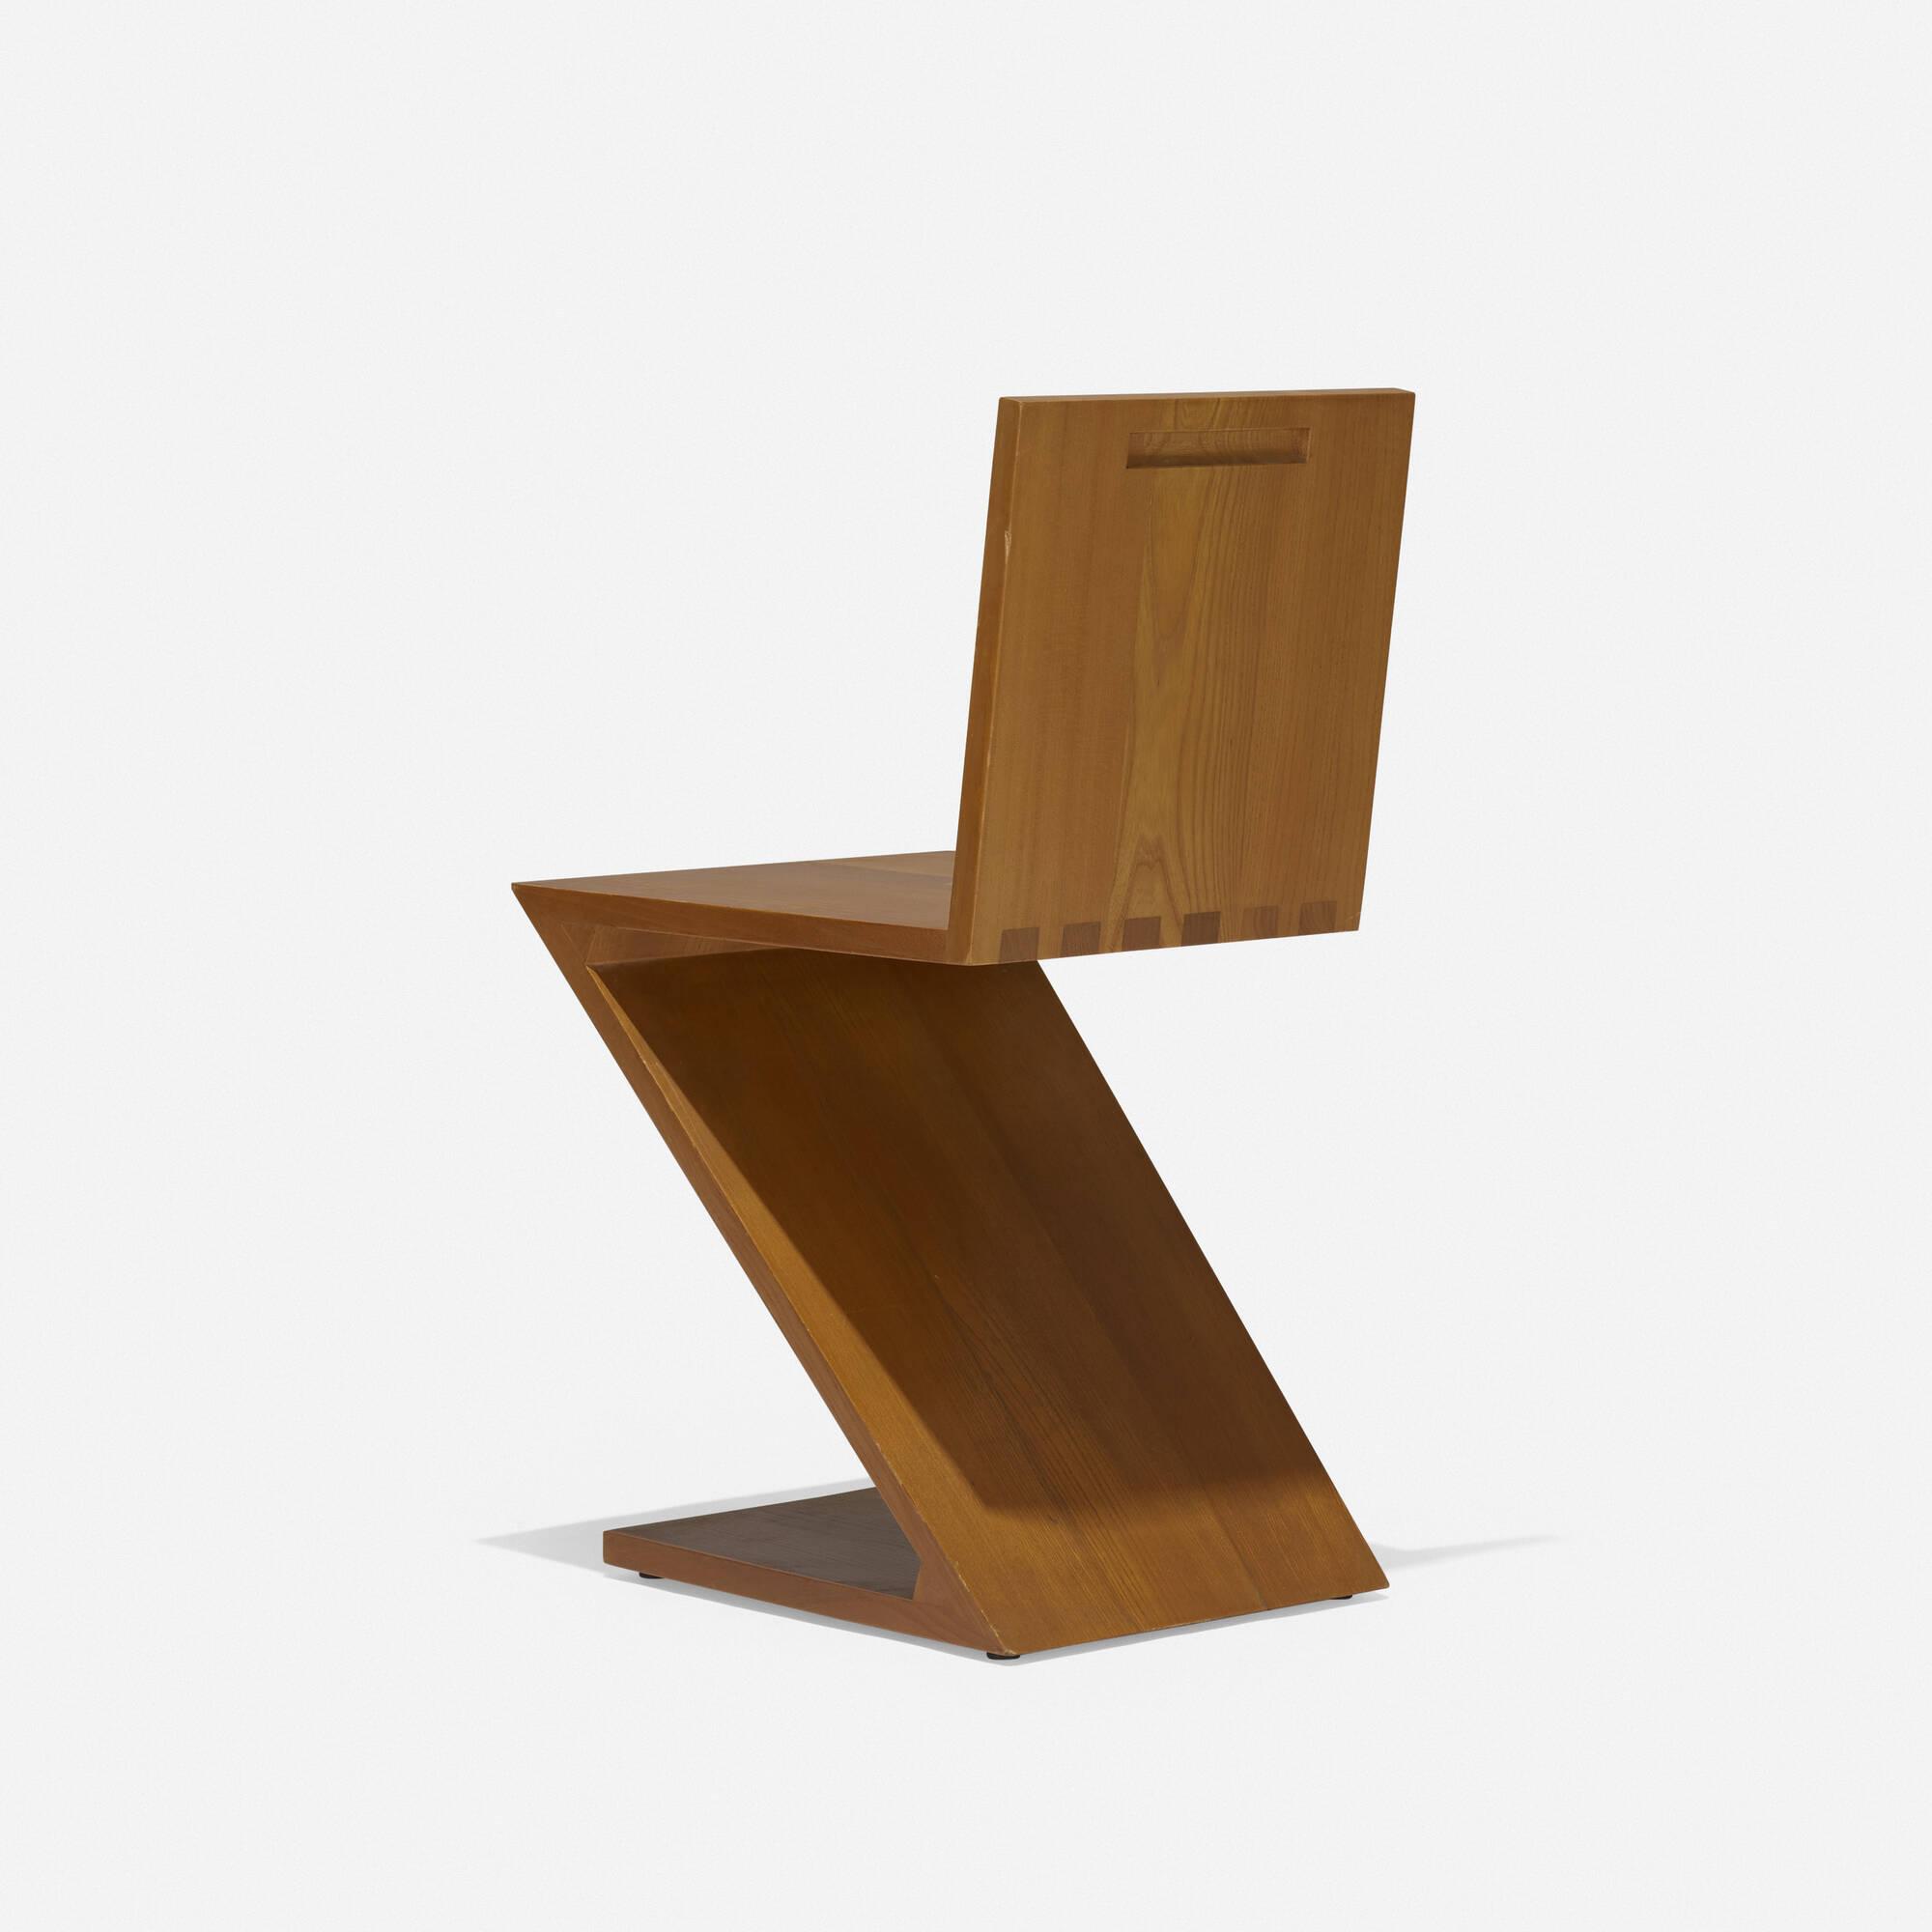 165: Gerrit Rietveld / Zig Zag chair (2 of 2)